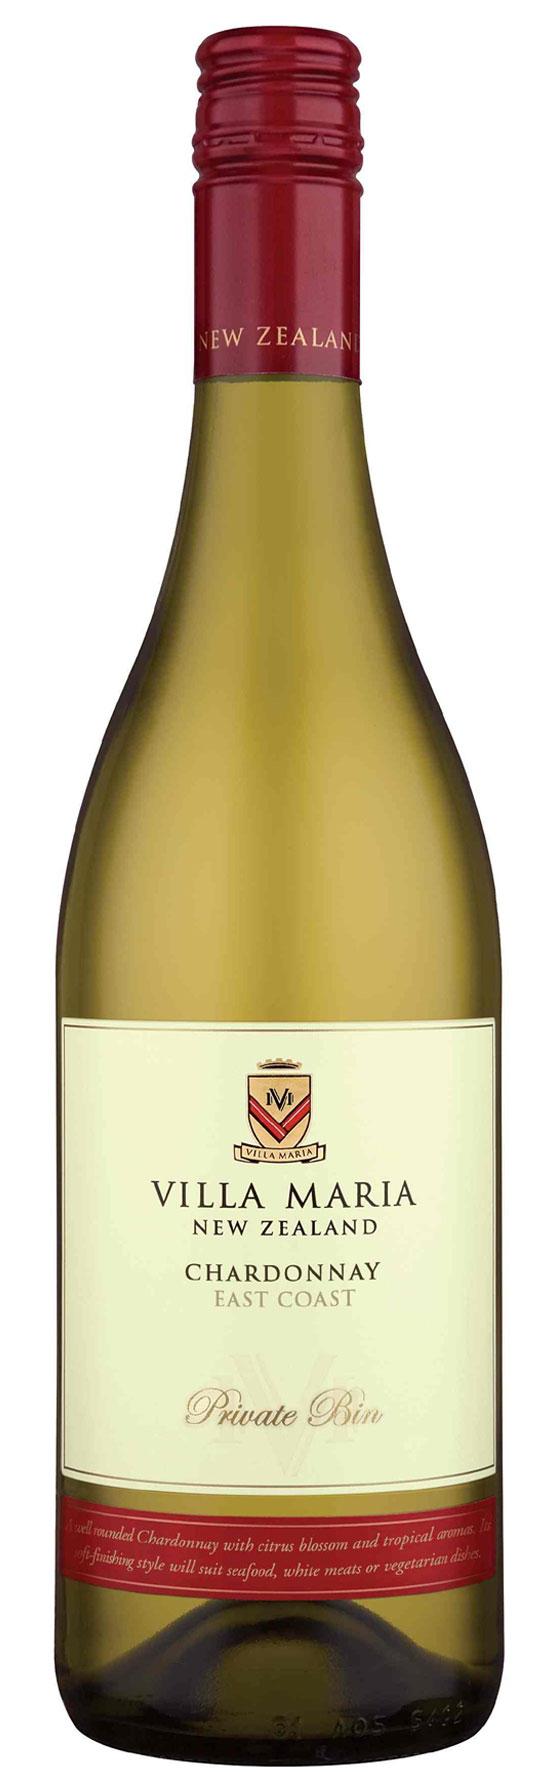 Villa Maria Private Bin Chardonnay Gisborne 2018